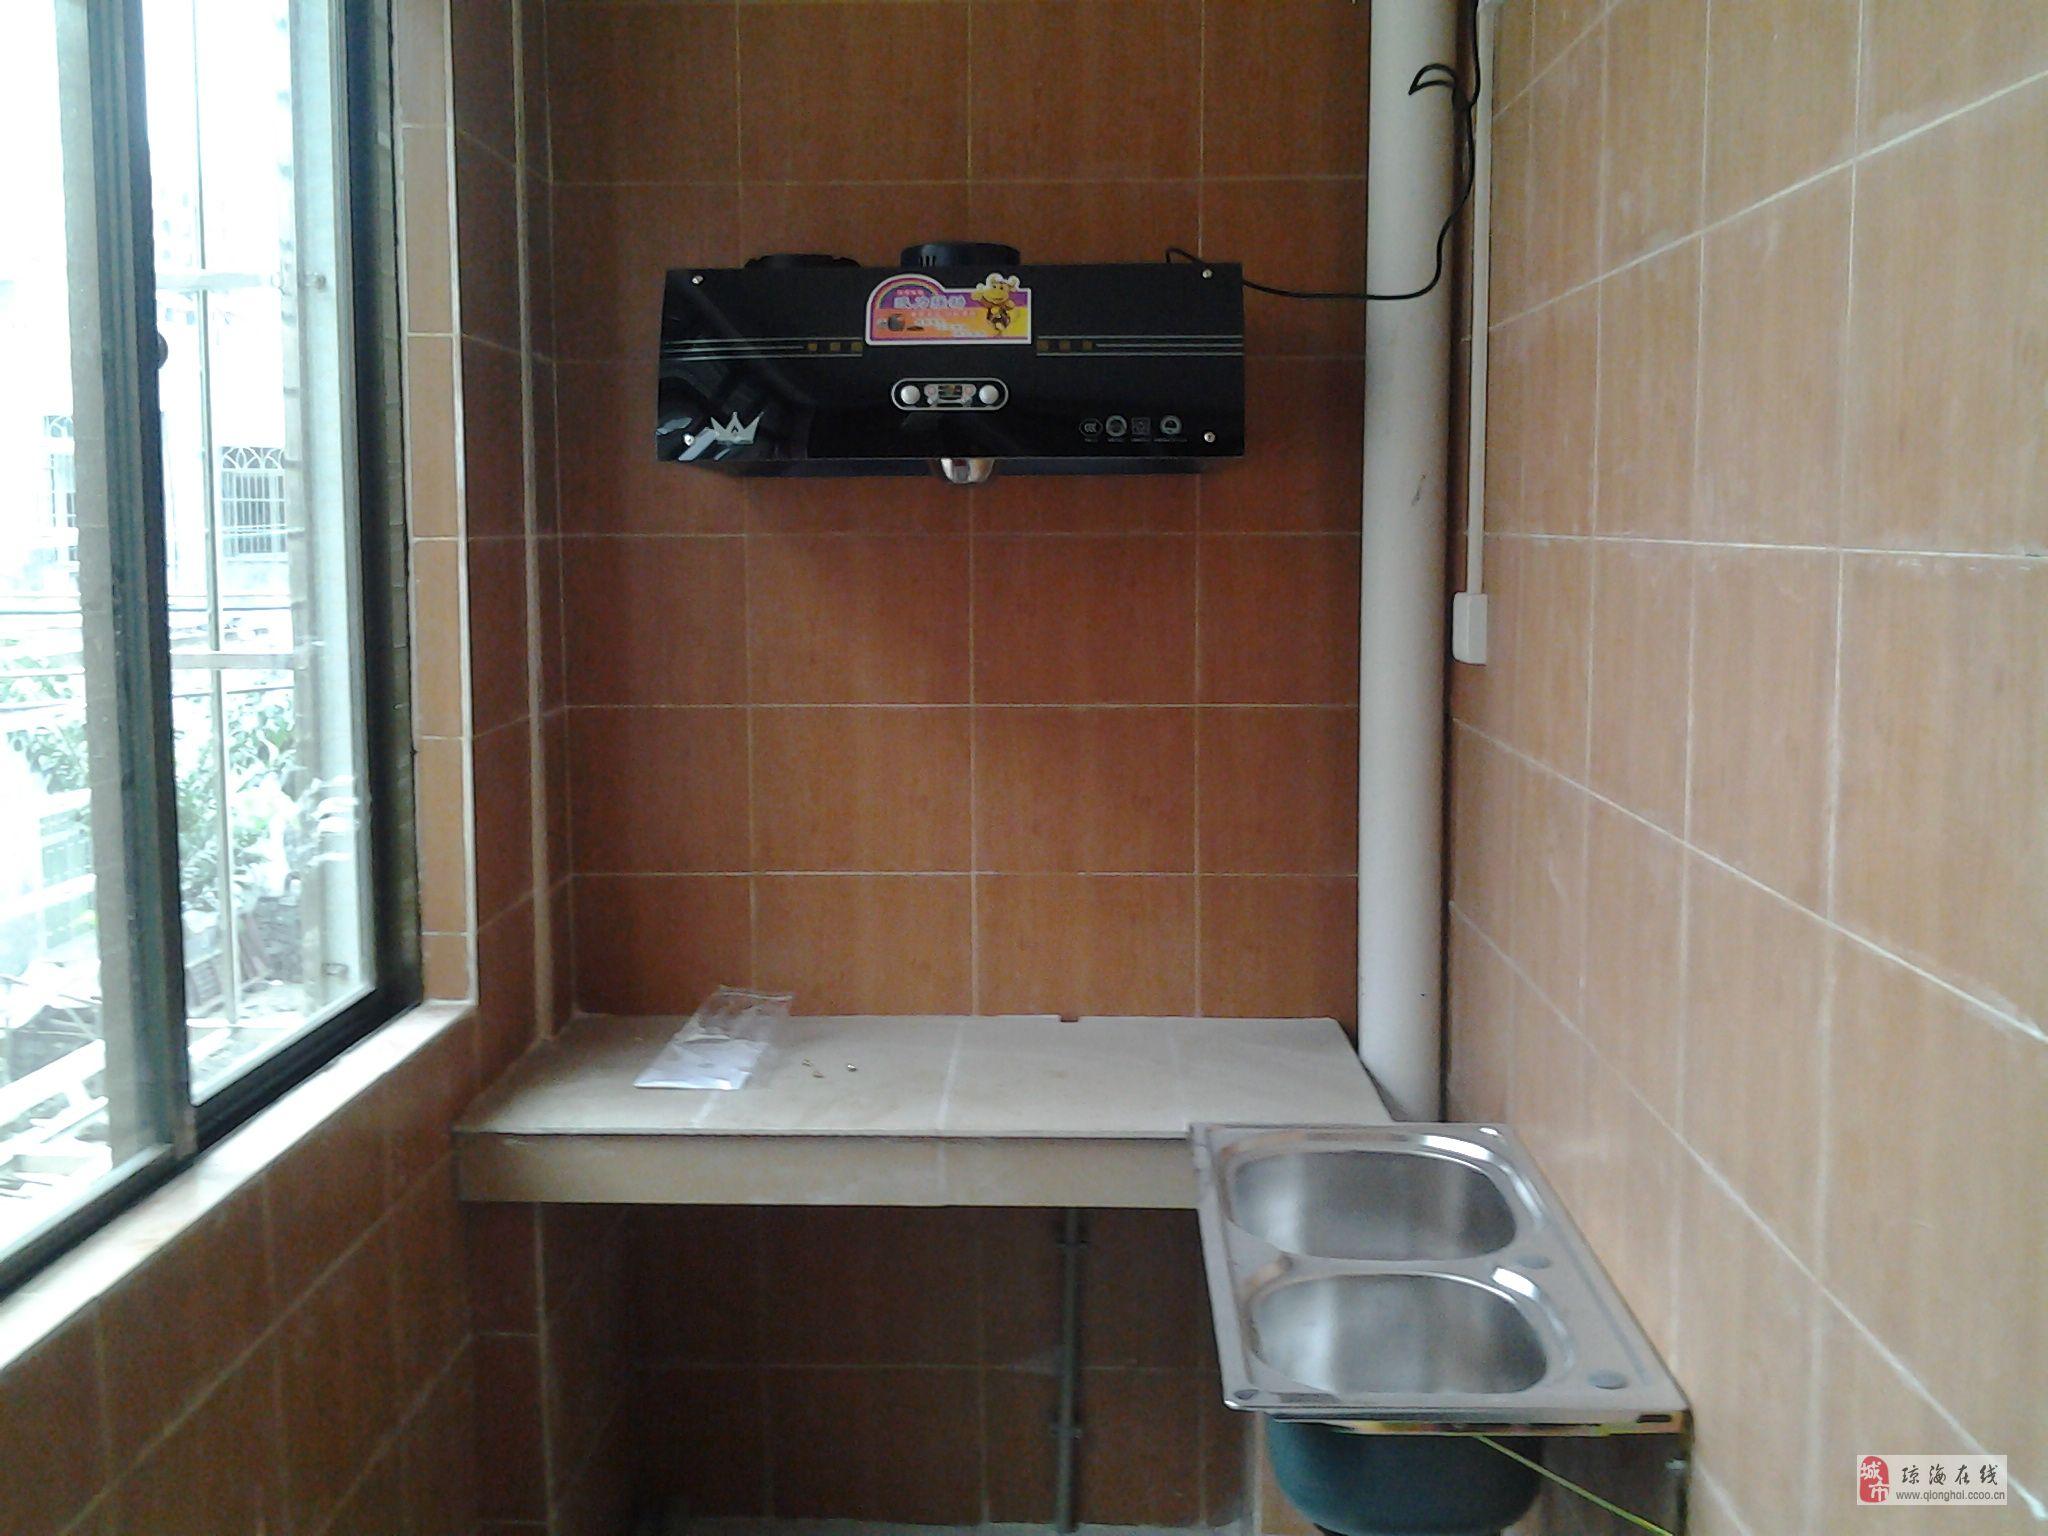 万泉河中路美景安置区内的新房 450元/月 30 2.3.4.5.6楼共18间套间房,每间30平方,间间有阳台/厨房/卫生间。一楼有地方放摩托电动车和充电,安装有监控摄影机。间间有空调/卫星电视/热水器/厨房/抽烟机/西式床/床垫/家具/光纤宽带网/防护网/配有水塔,挂衣钩,租金450一间,电费1元1度,水费2.